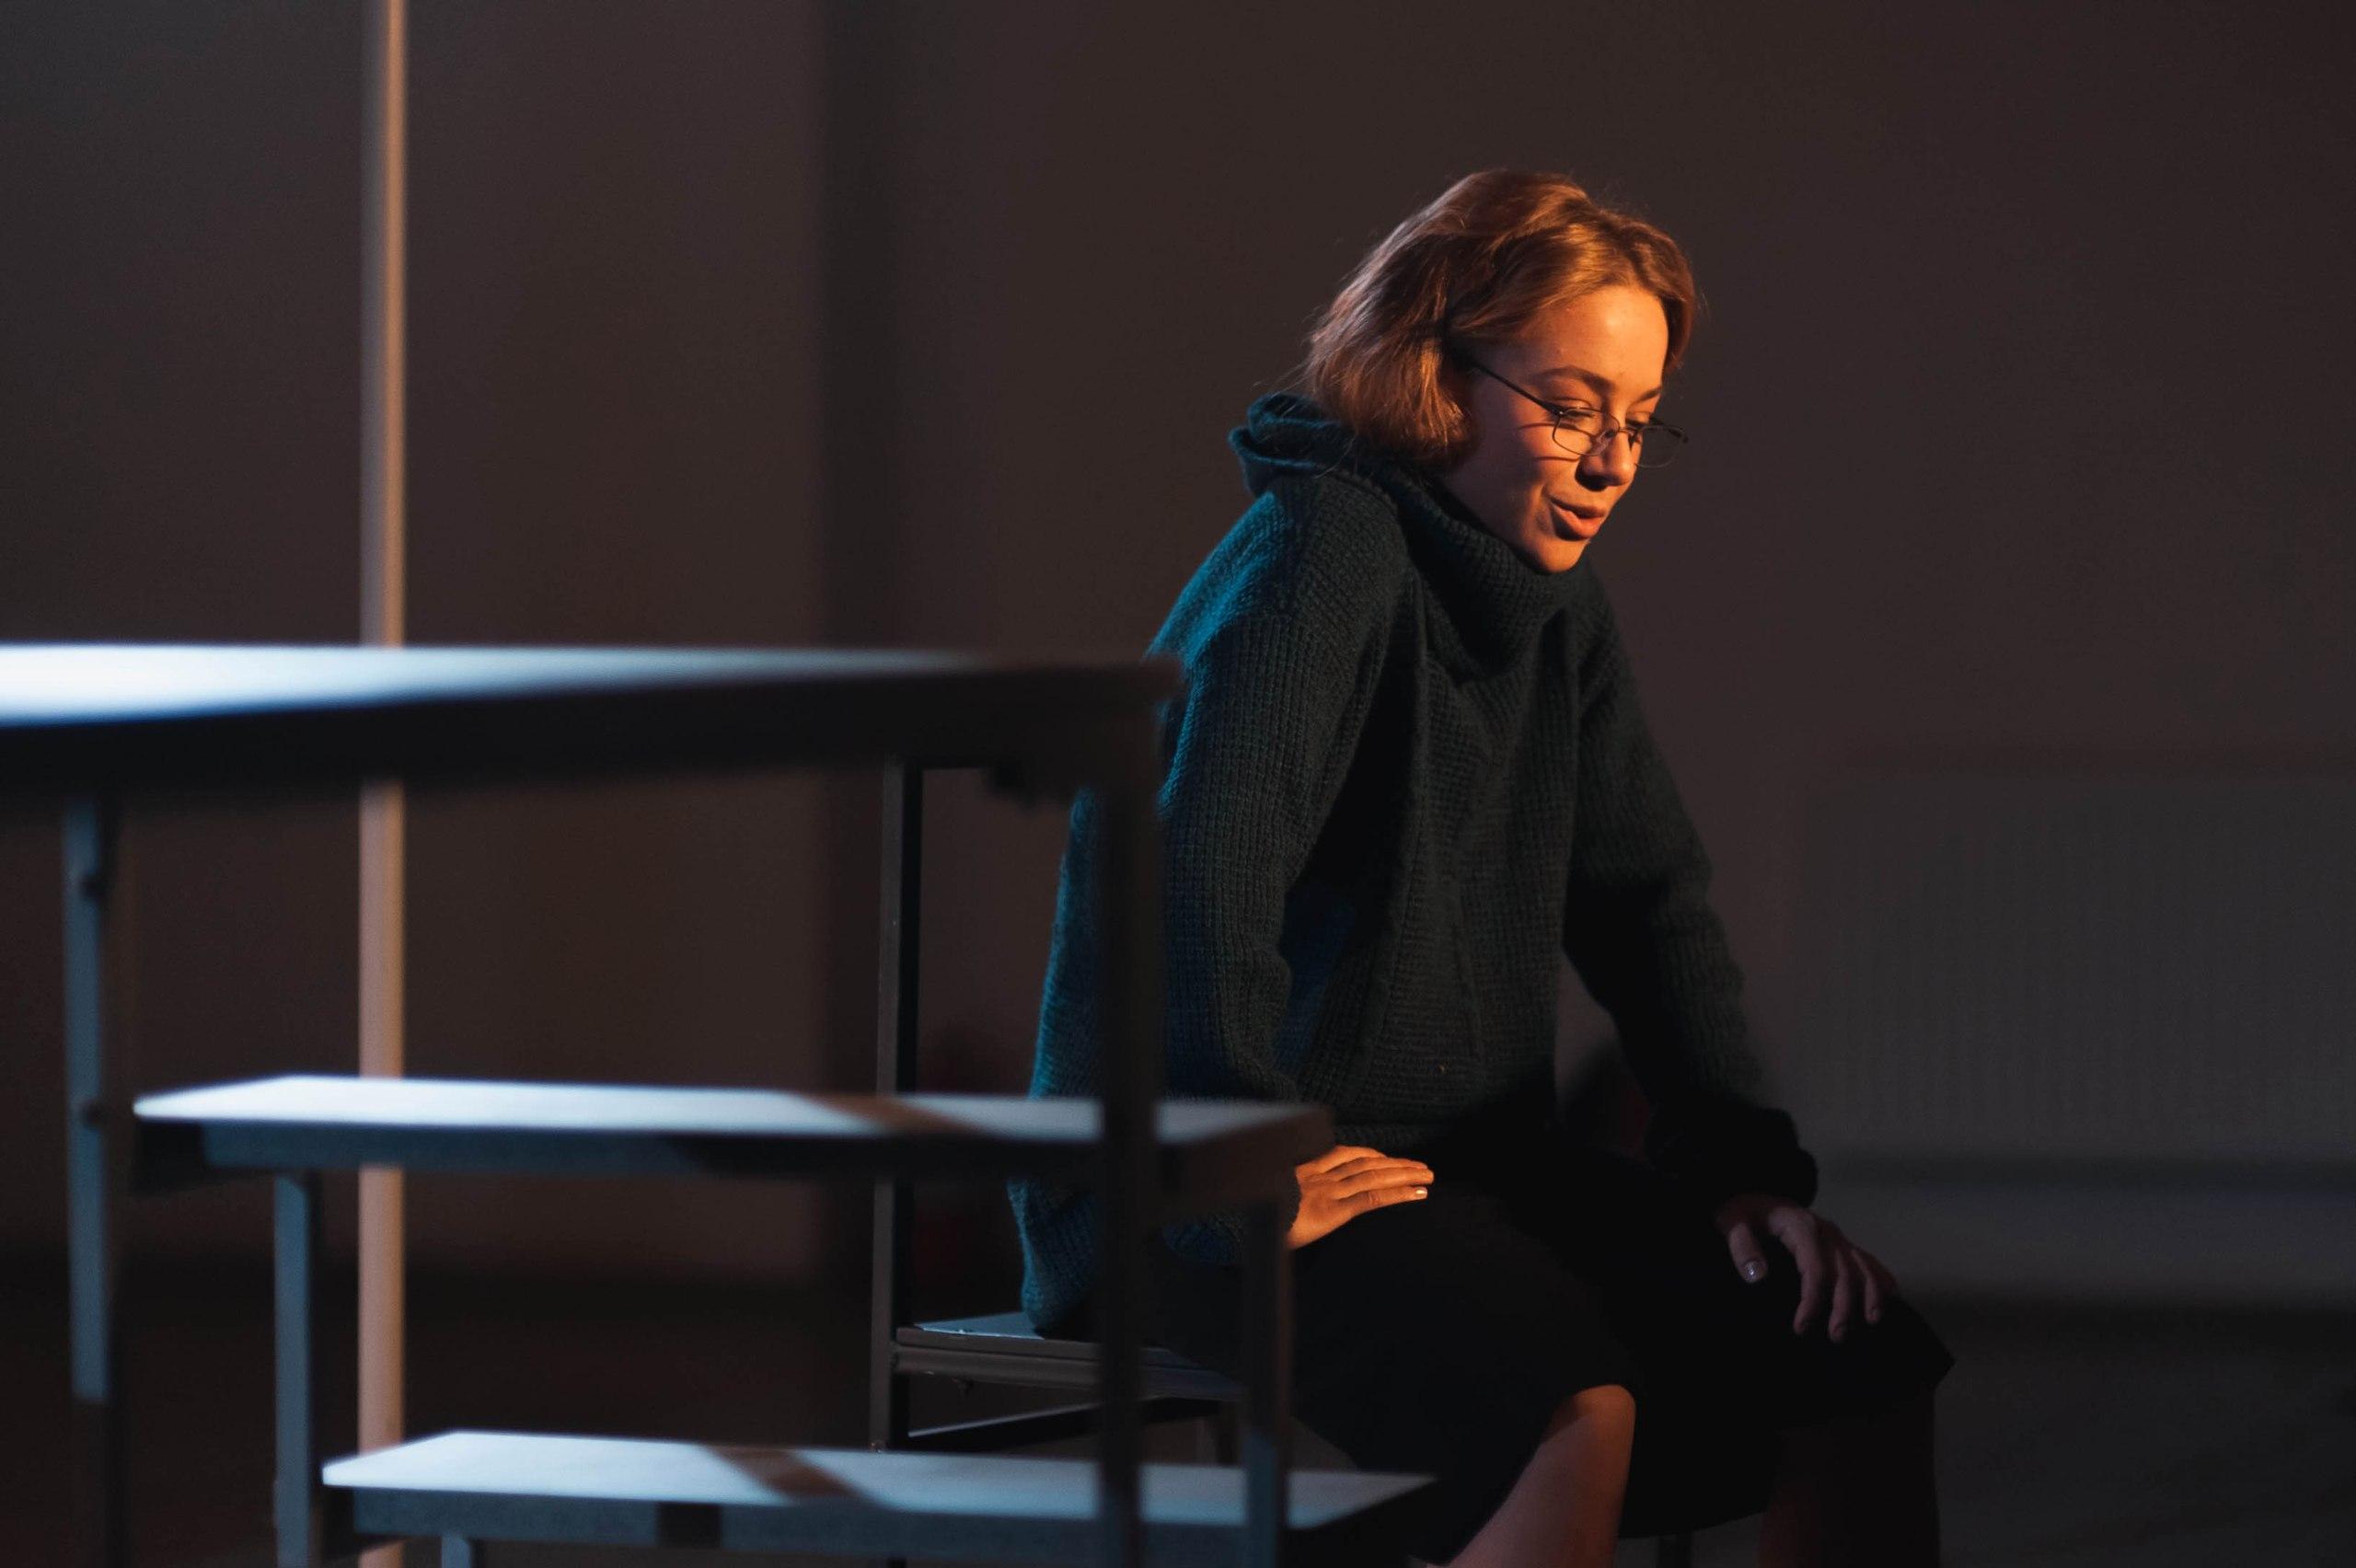 Рецензия на спектакль «Любовь. Подслушано». Одно зеркало шести женщин